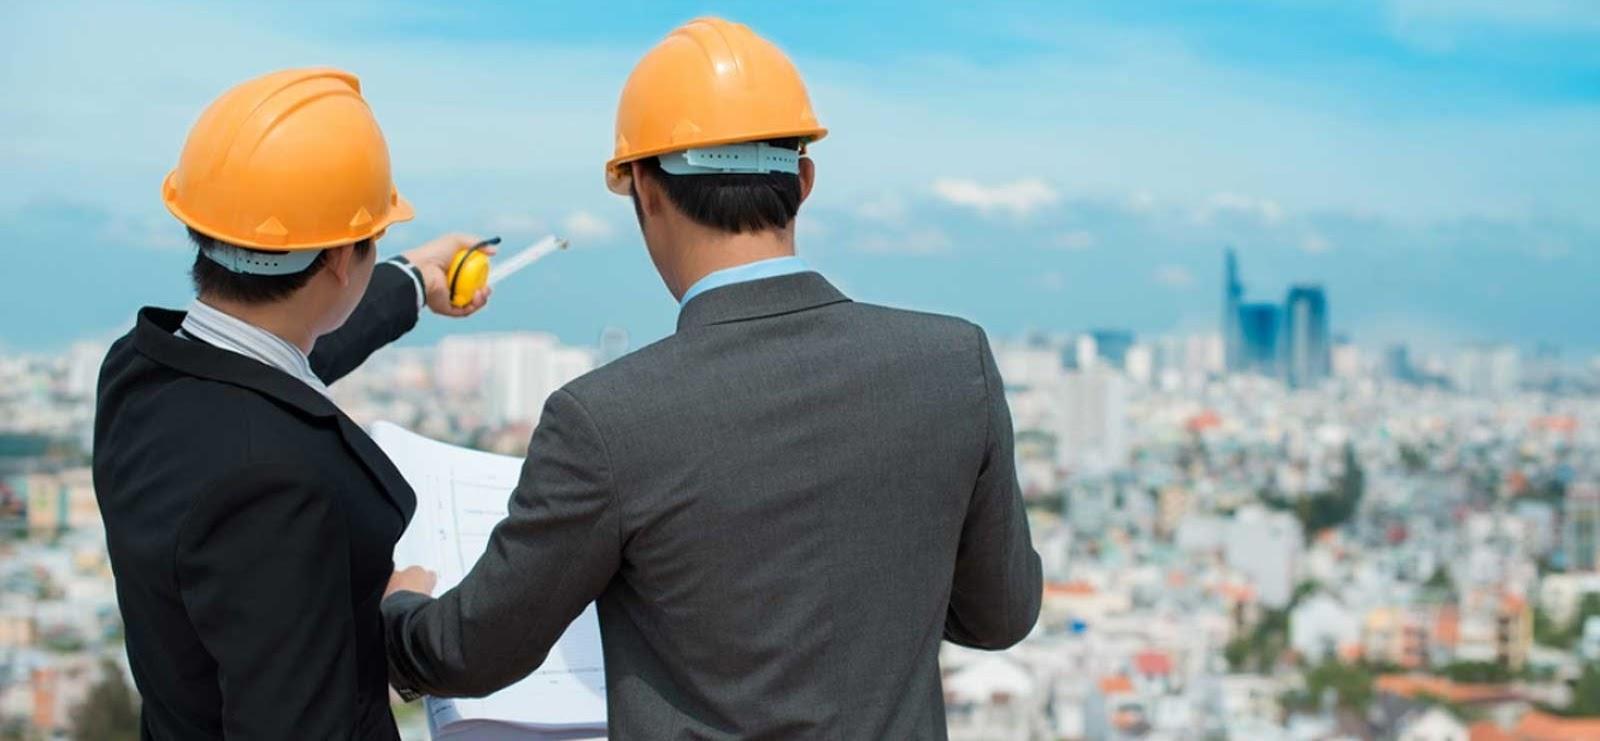 مطلوب وظائف في كبرى الشركات الهندسية بالاردن